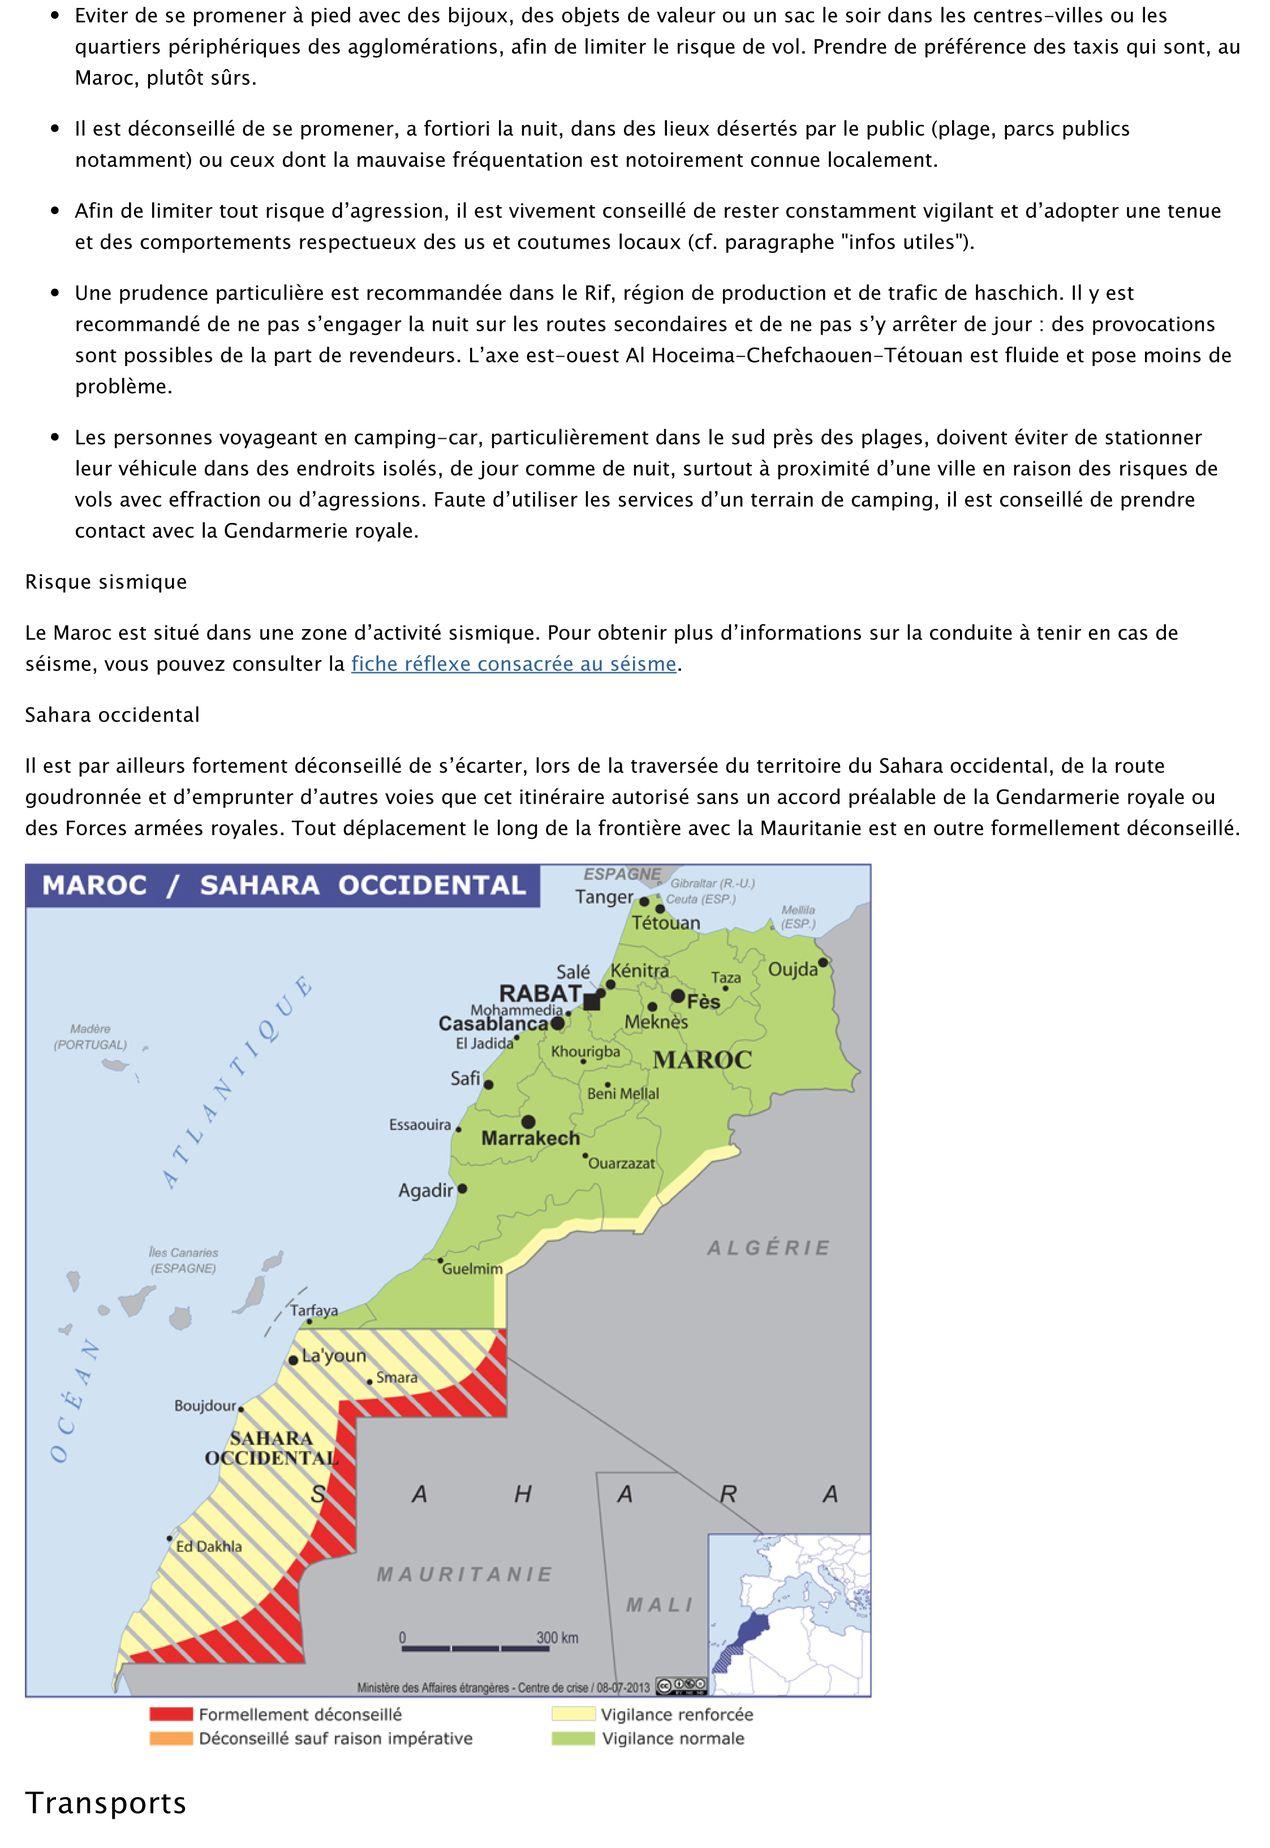 Maroc - France-Diplomatie - Ministère des Affaires étrangères et du Développement international-2